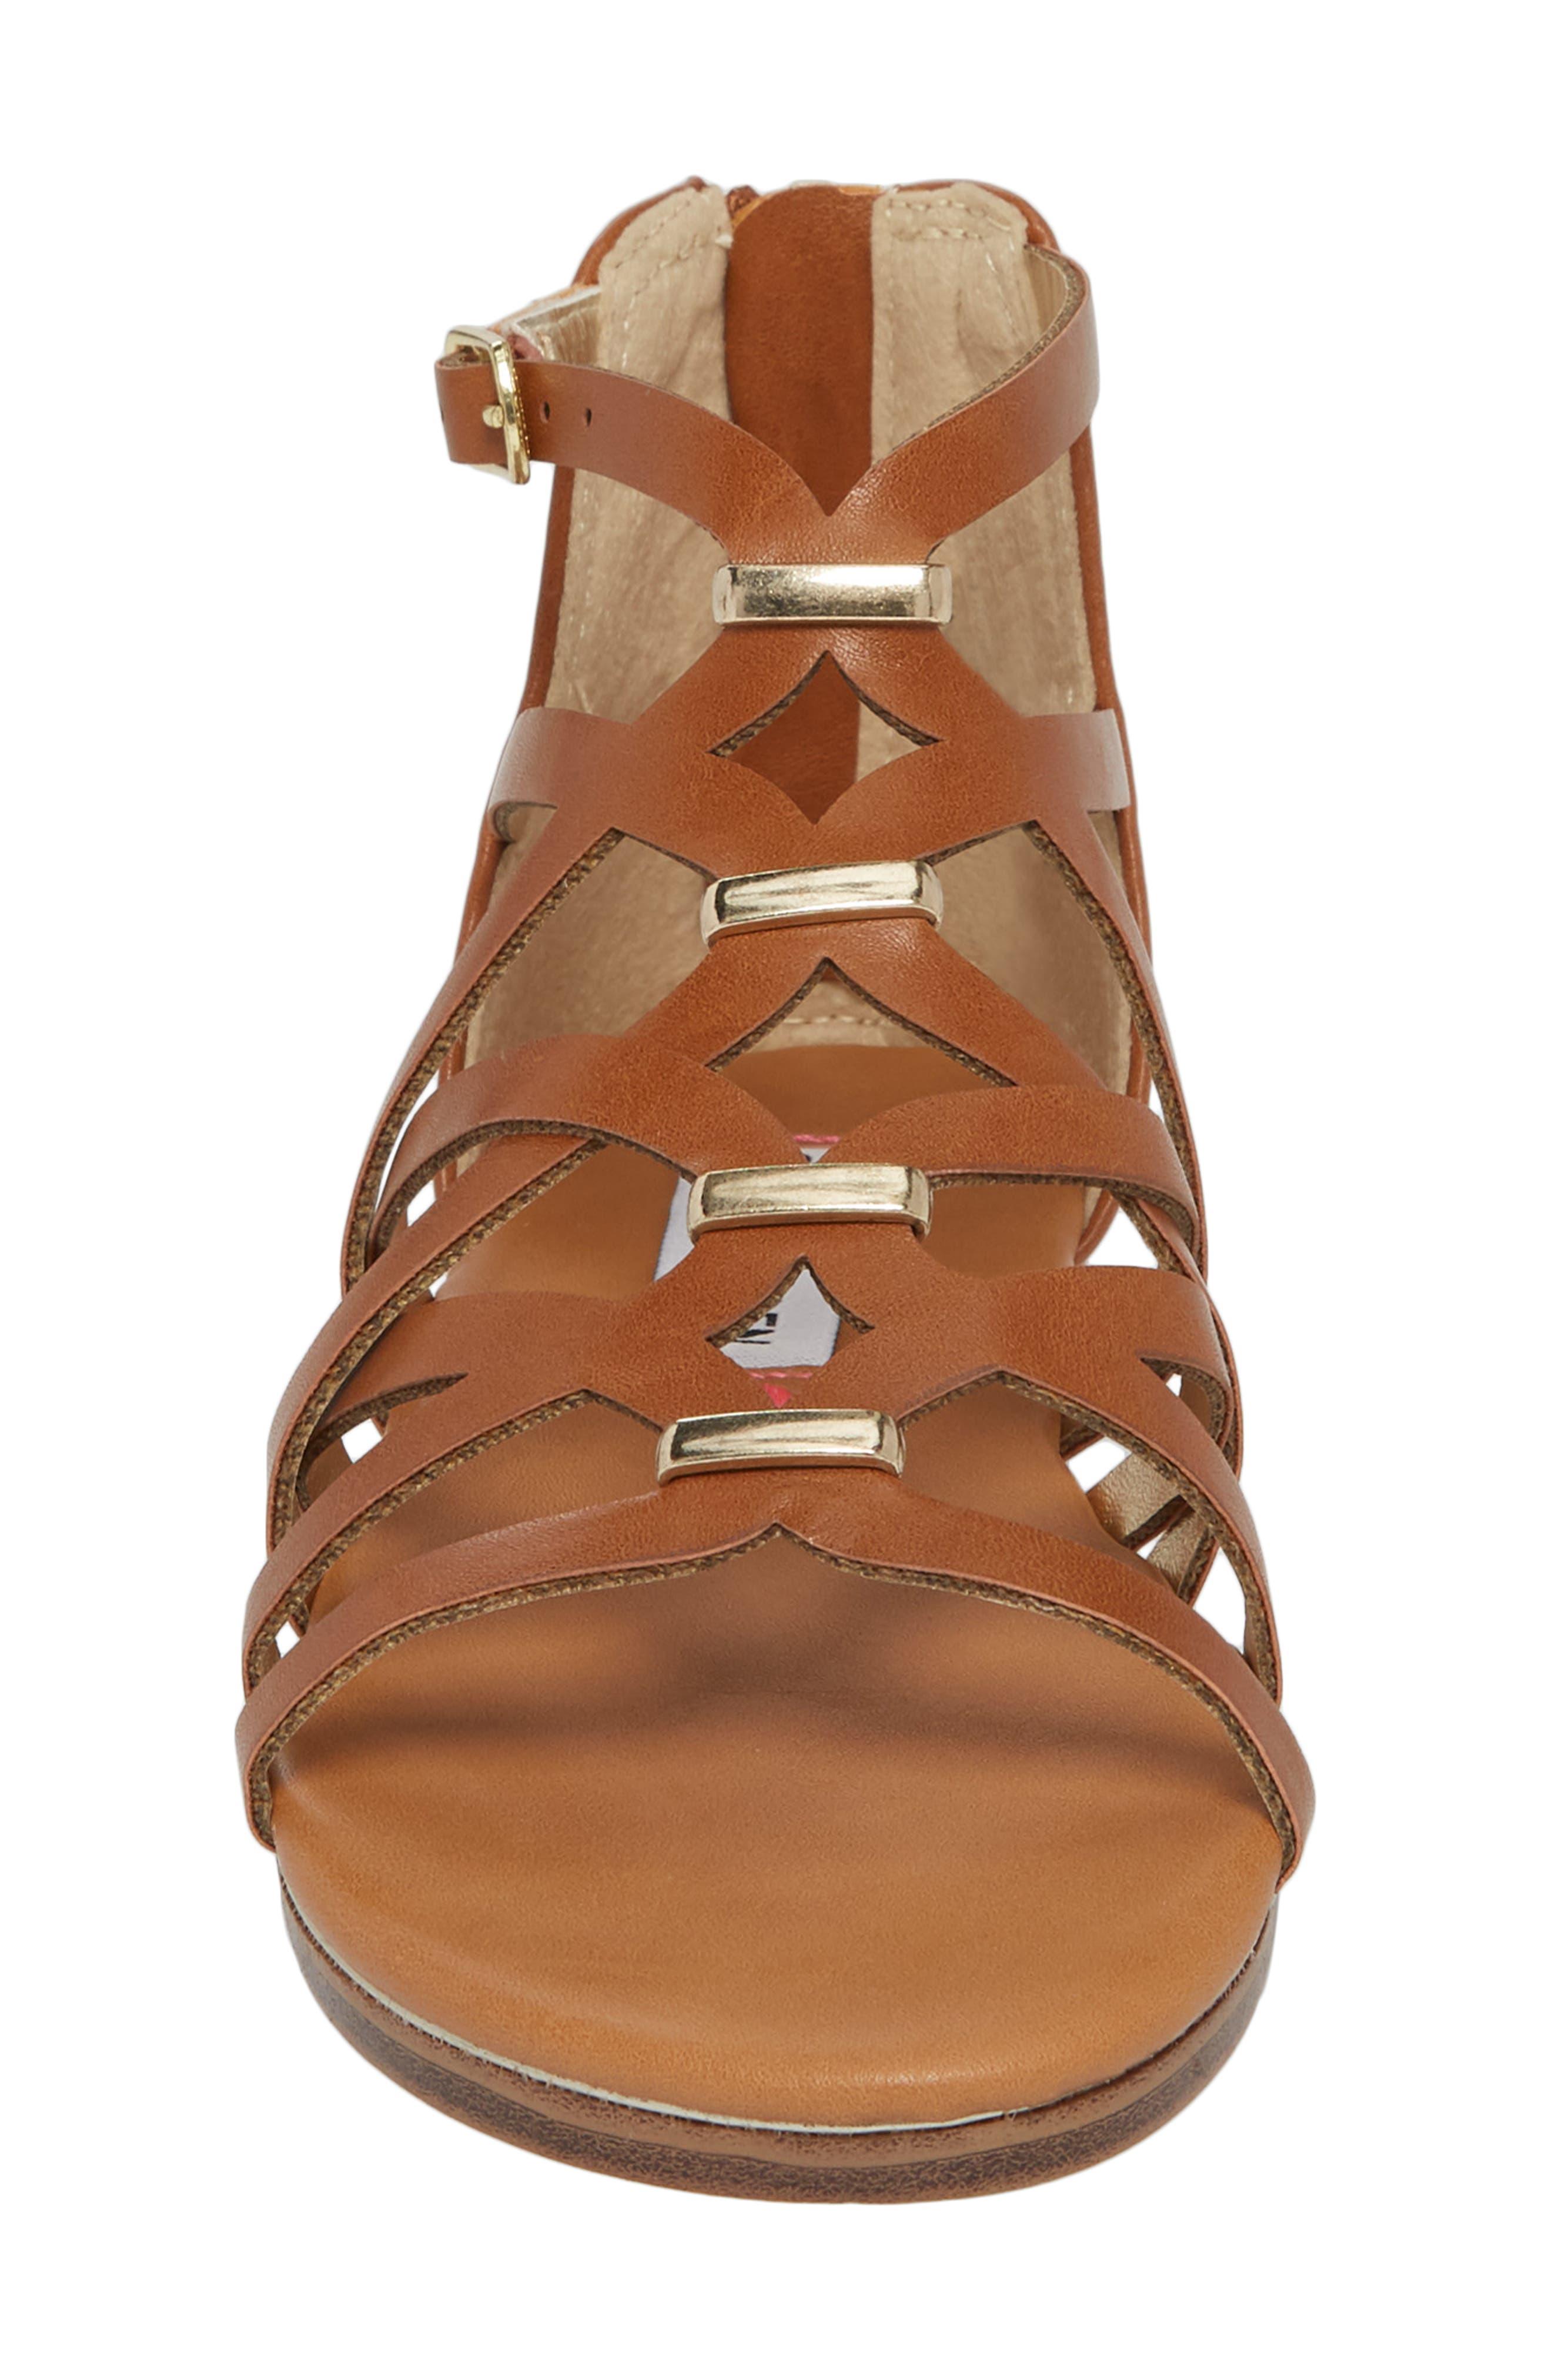 JCOMET Gladiator Sandal,                             Alternate thumbnail 4, color,